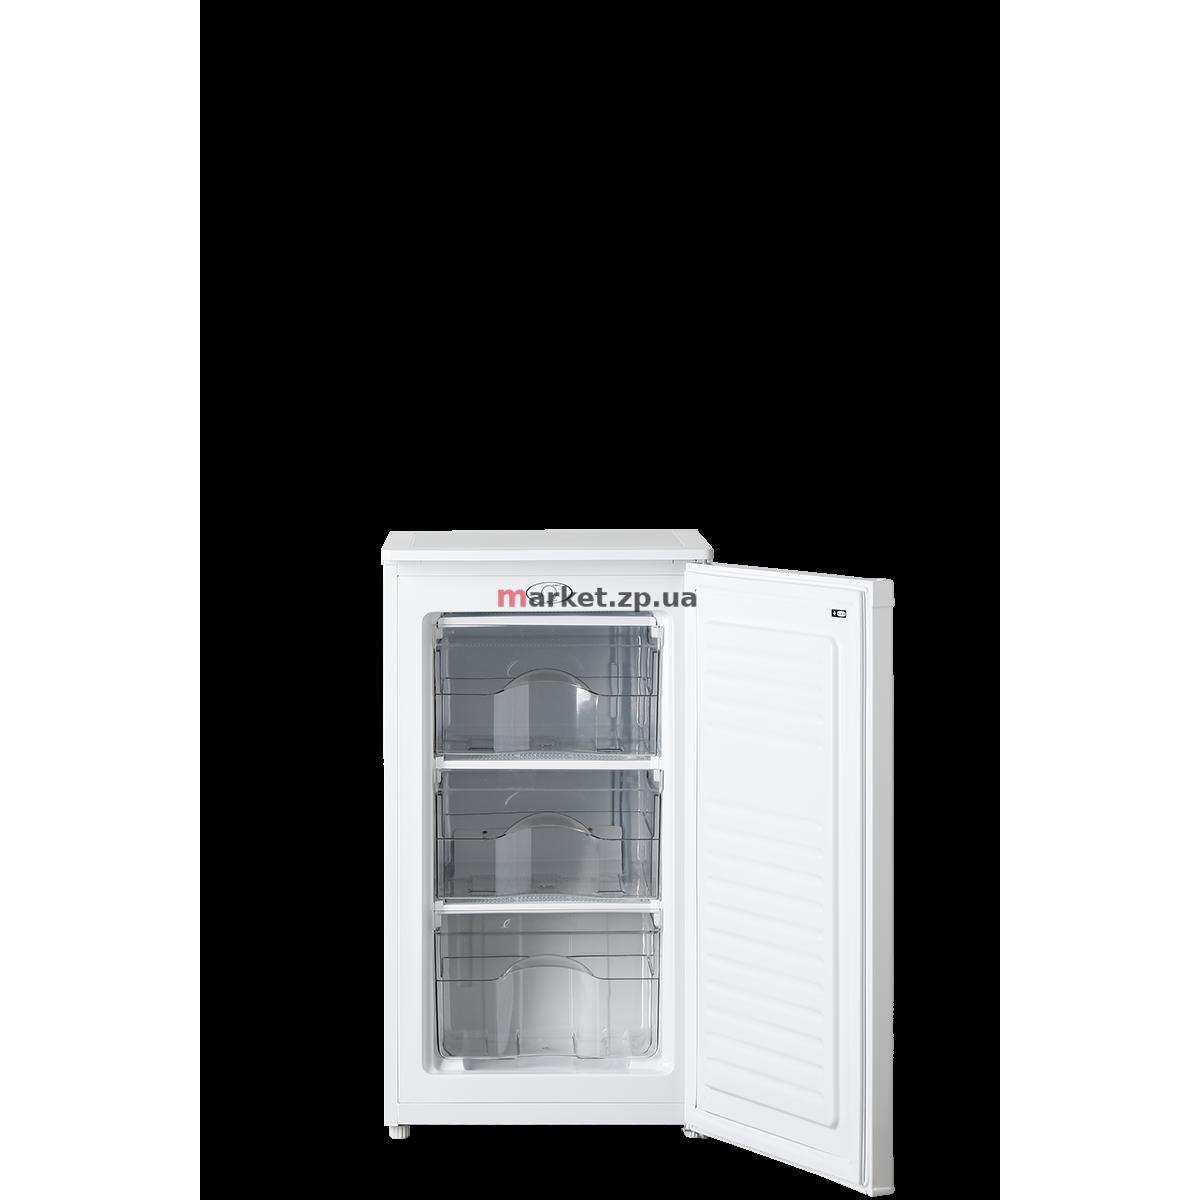 Морозильная камера ATLANT М 7402-100